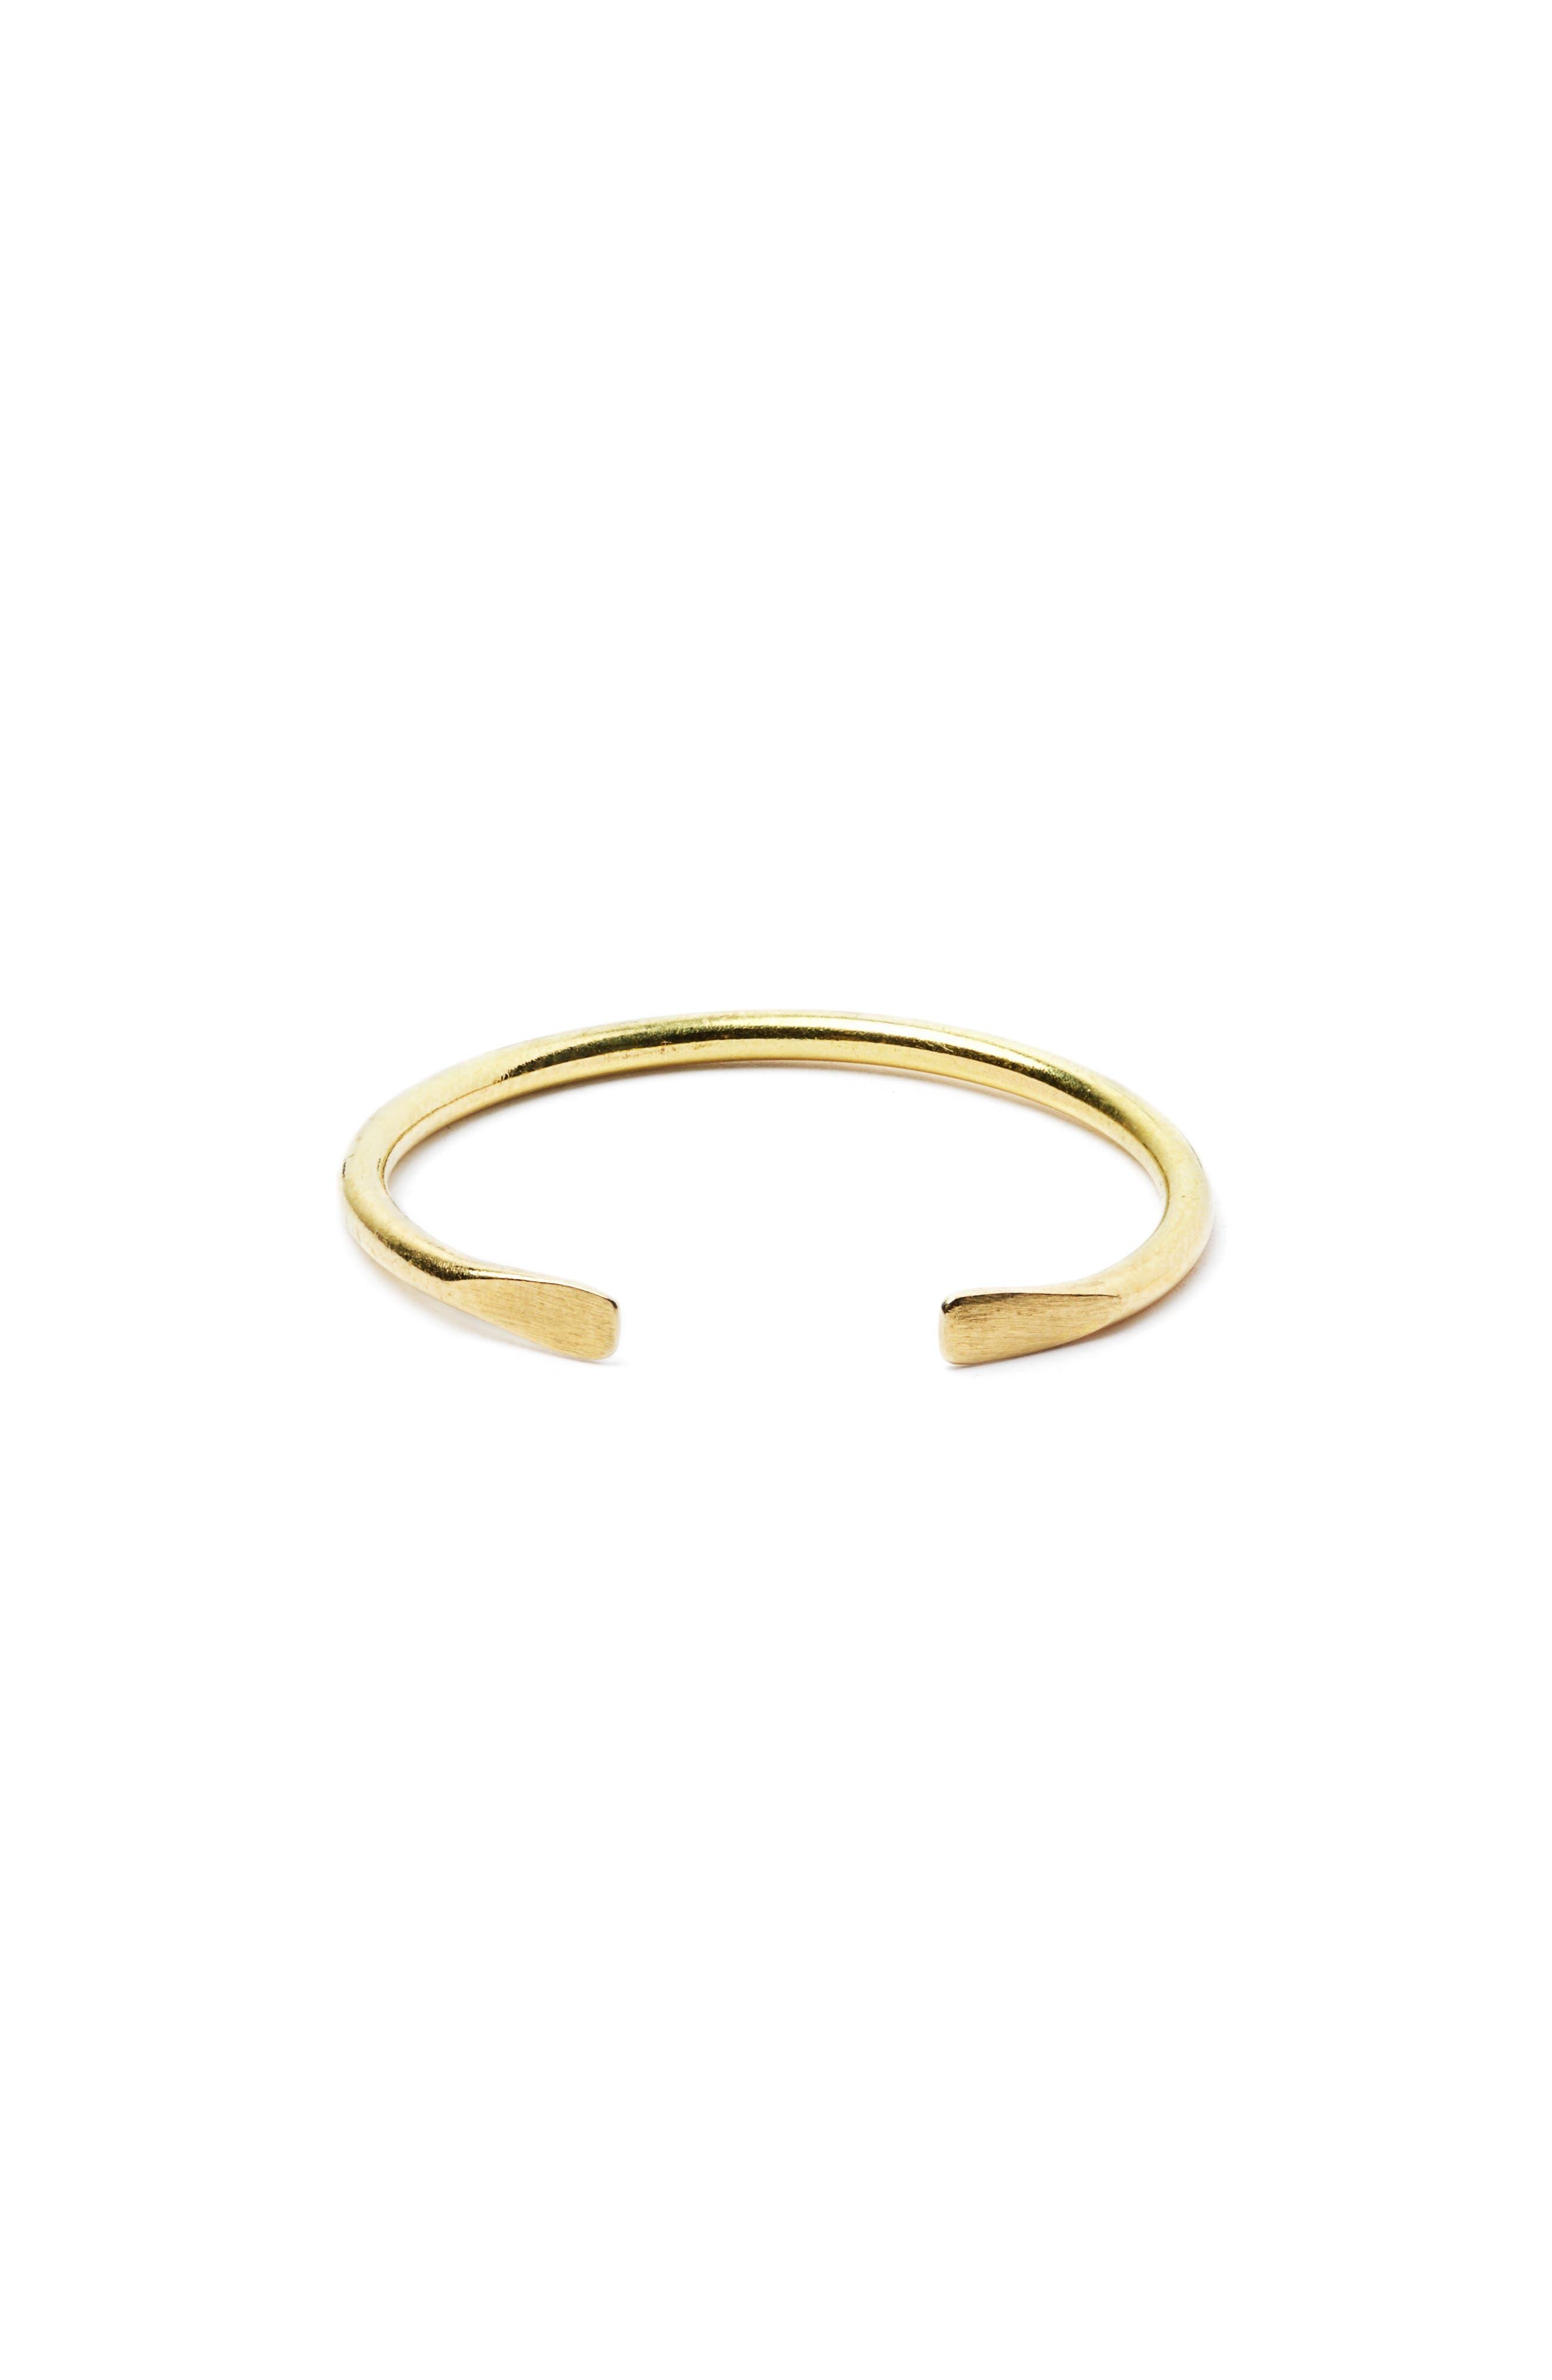 Adjustable 18k Gold Ring,                             Main thumbnail 1, color,